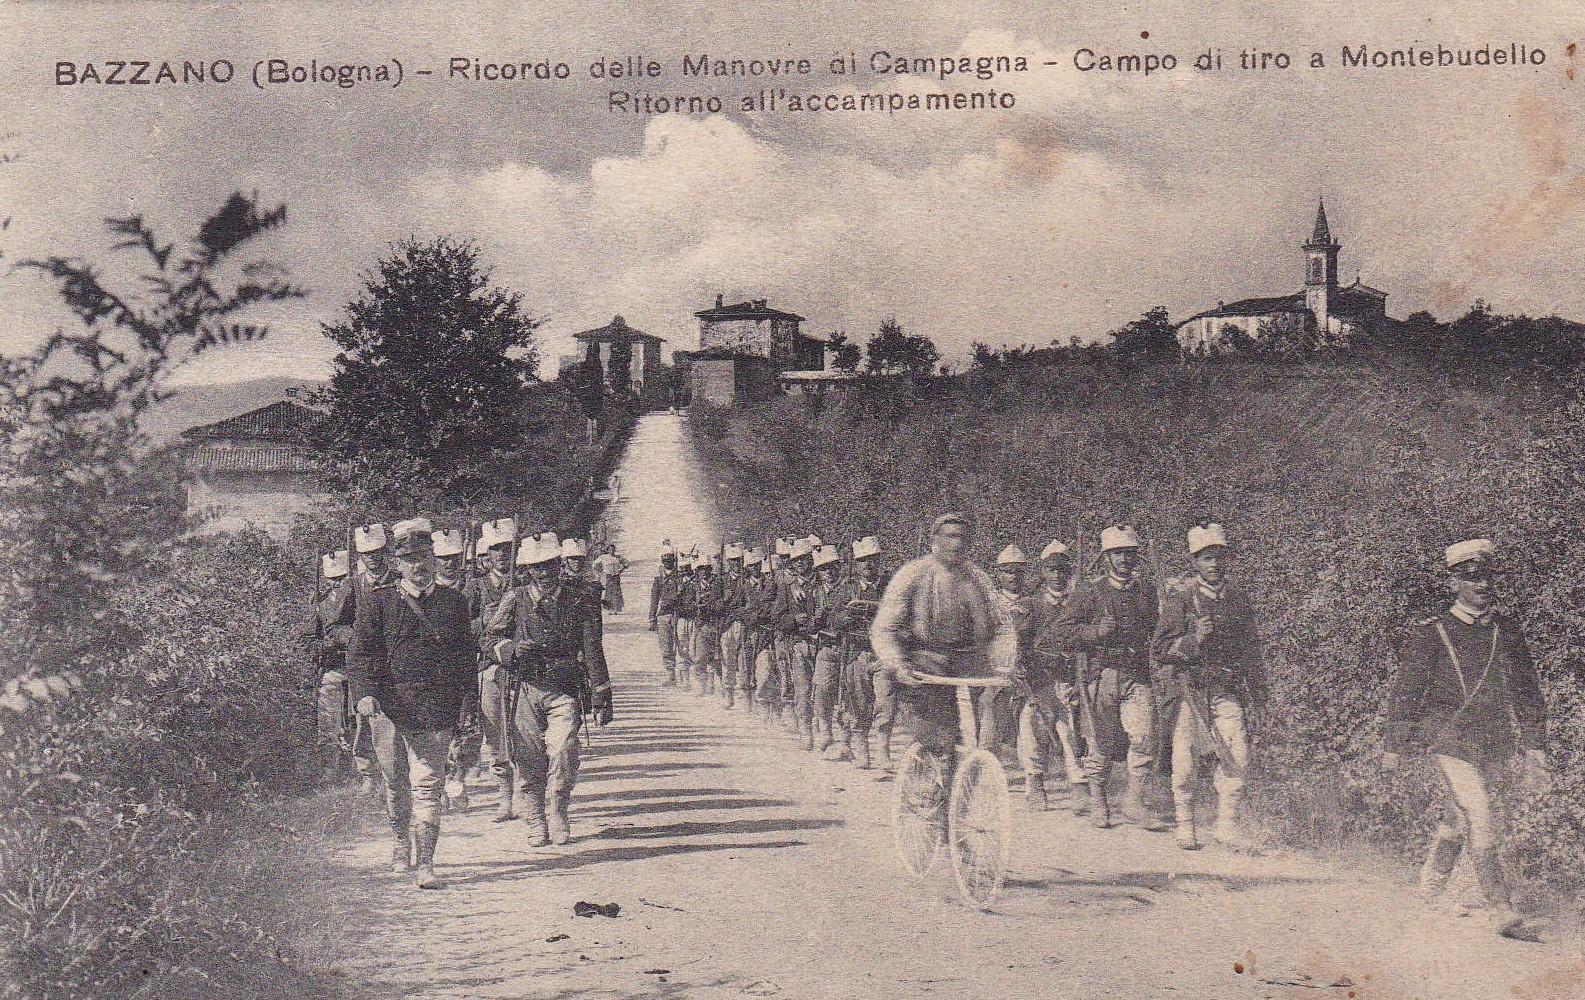 Grande Guerra a Valsamoggia: Cartolina che mostra un momento delle esercitazioni militari nella zona di Bazzano. Foto famiglia Contri